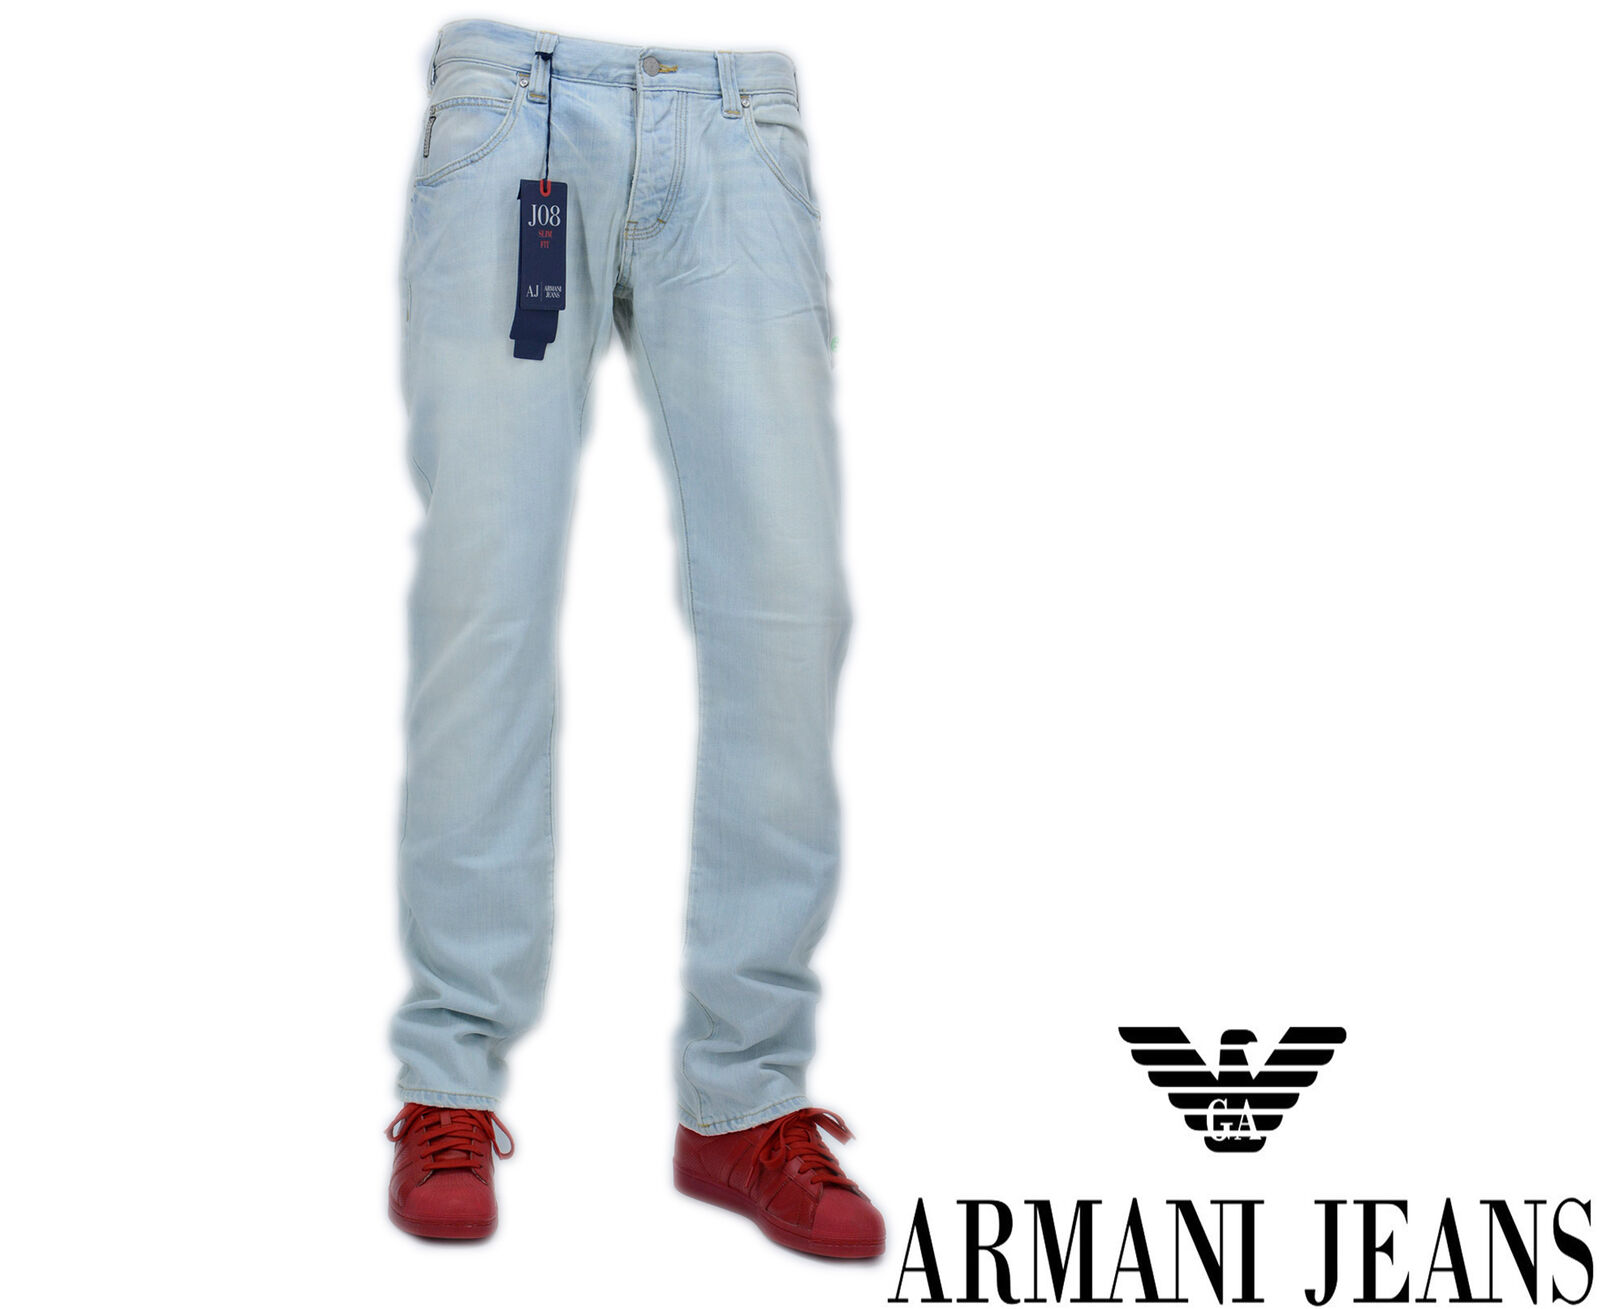 ARMANI Jeans J08 W33 L34 Jeans Denim Uomo Regular Slim Fit Straight Leg